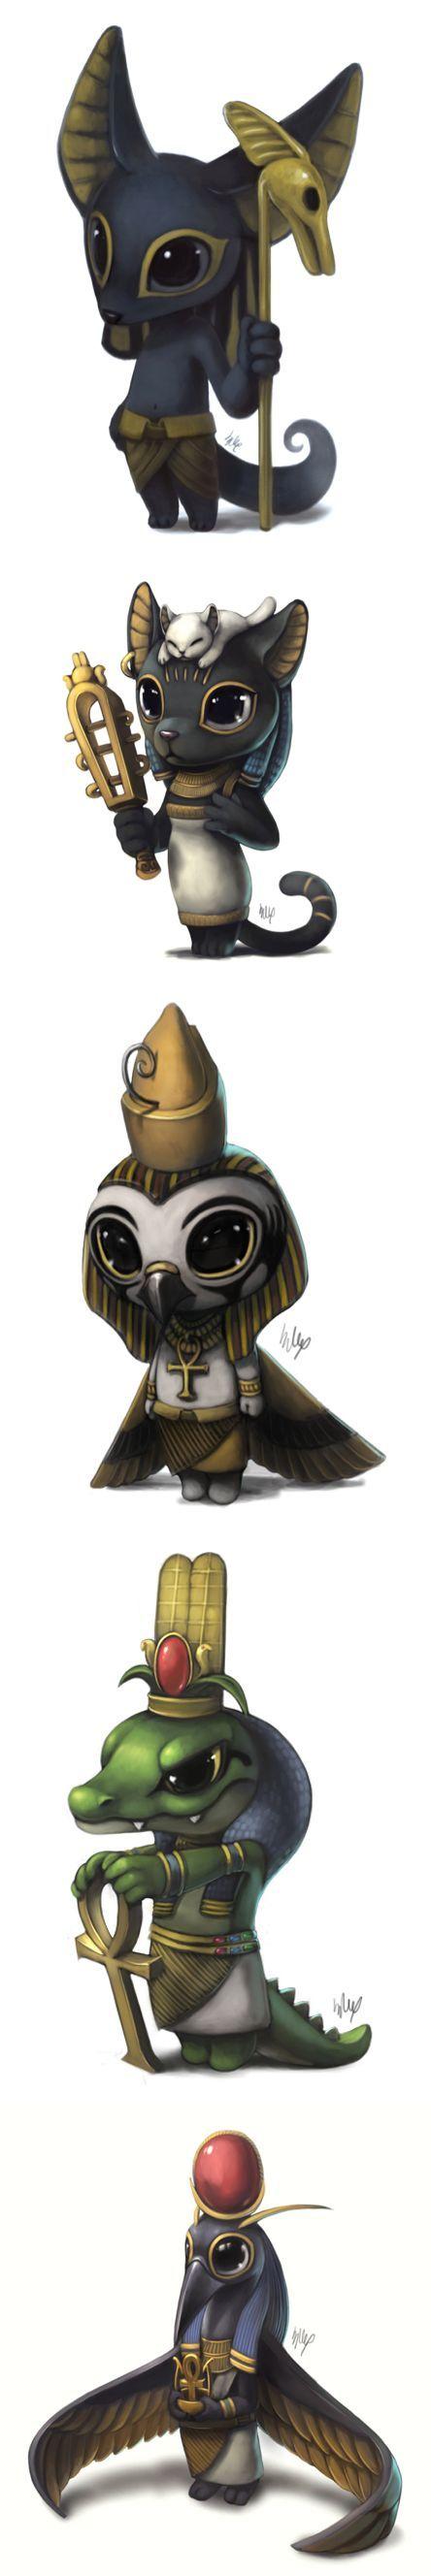 Lil' Egytian gods | Anubis, Bast, Horus, Sobek, and Thoth | silverfox5213 @ deviantArt